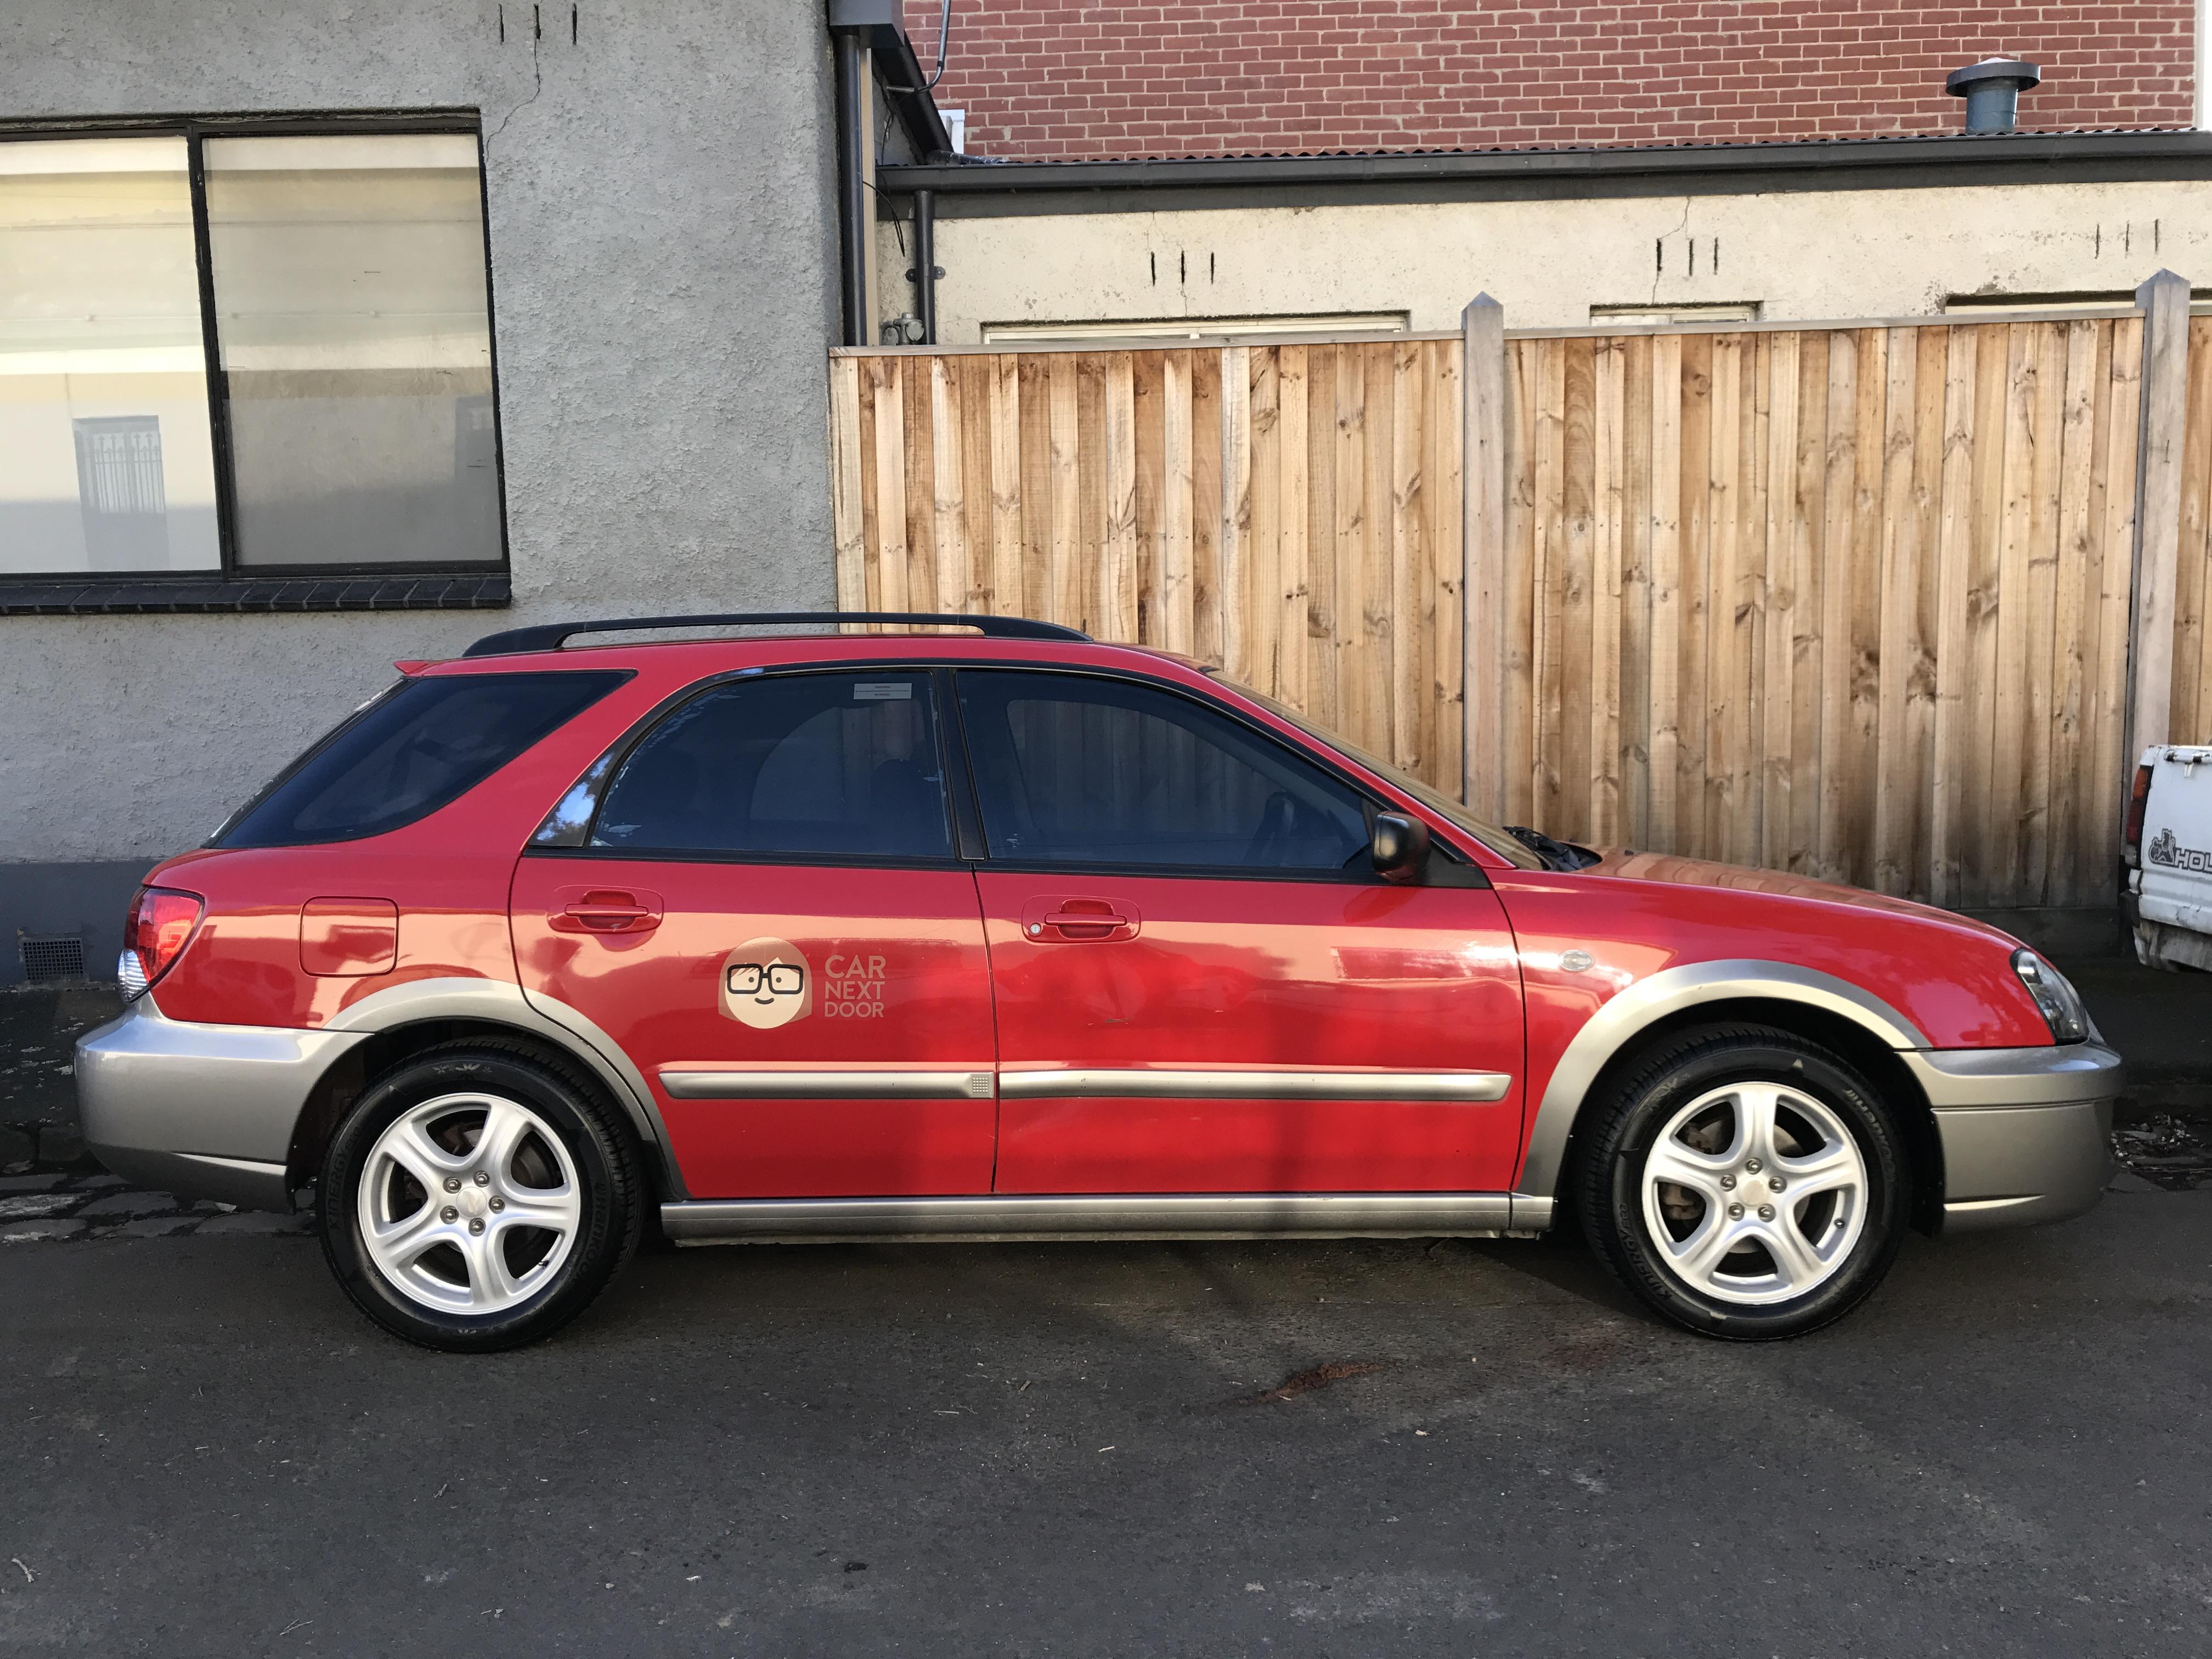 Picture of Martin's 2003 Subaru Impreza